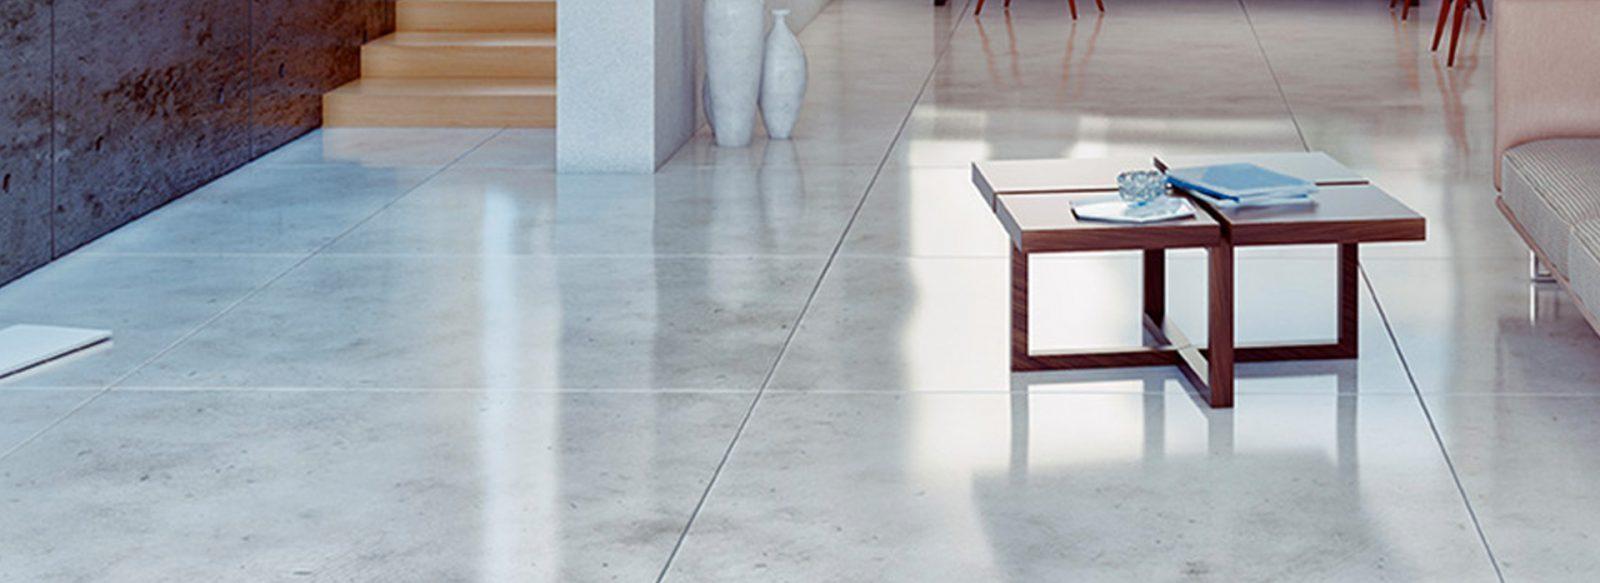 Pulire piastrelle bagno dopo posa interesting come pulire - Pulire le fughe delle piastrelle del pavimento ...